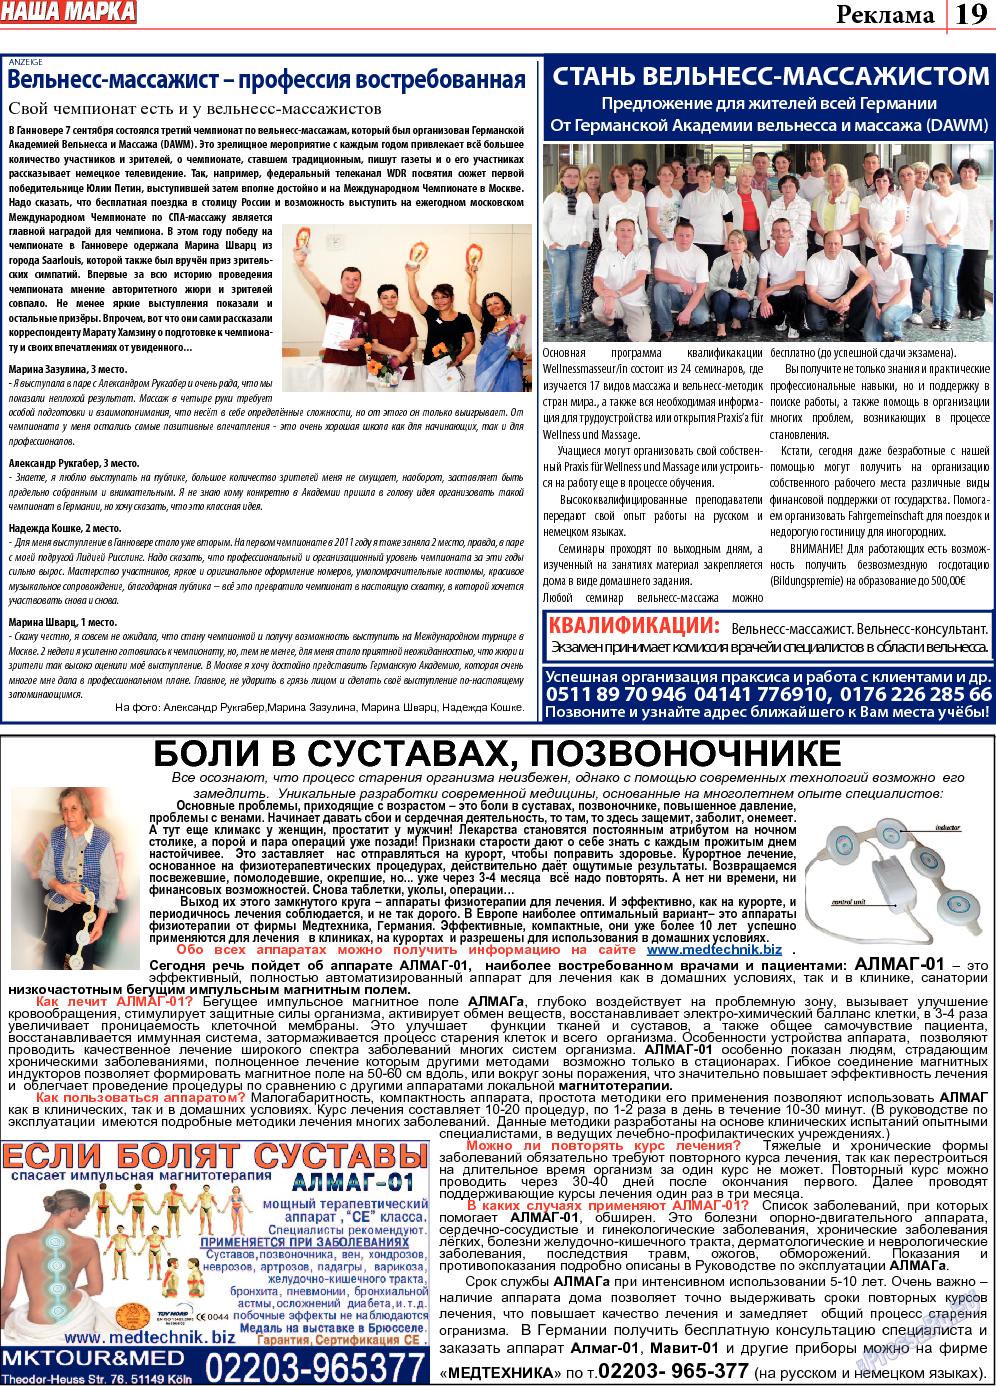 Наша марка (газета). 2013 год, номер 11, стр. 19